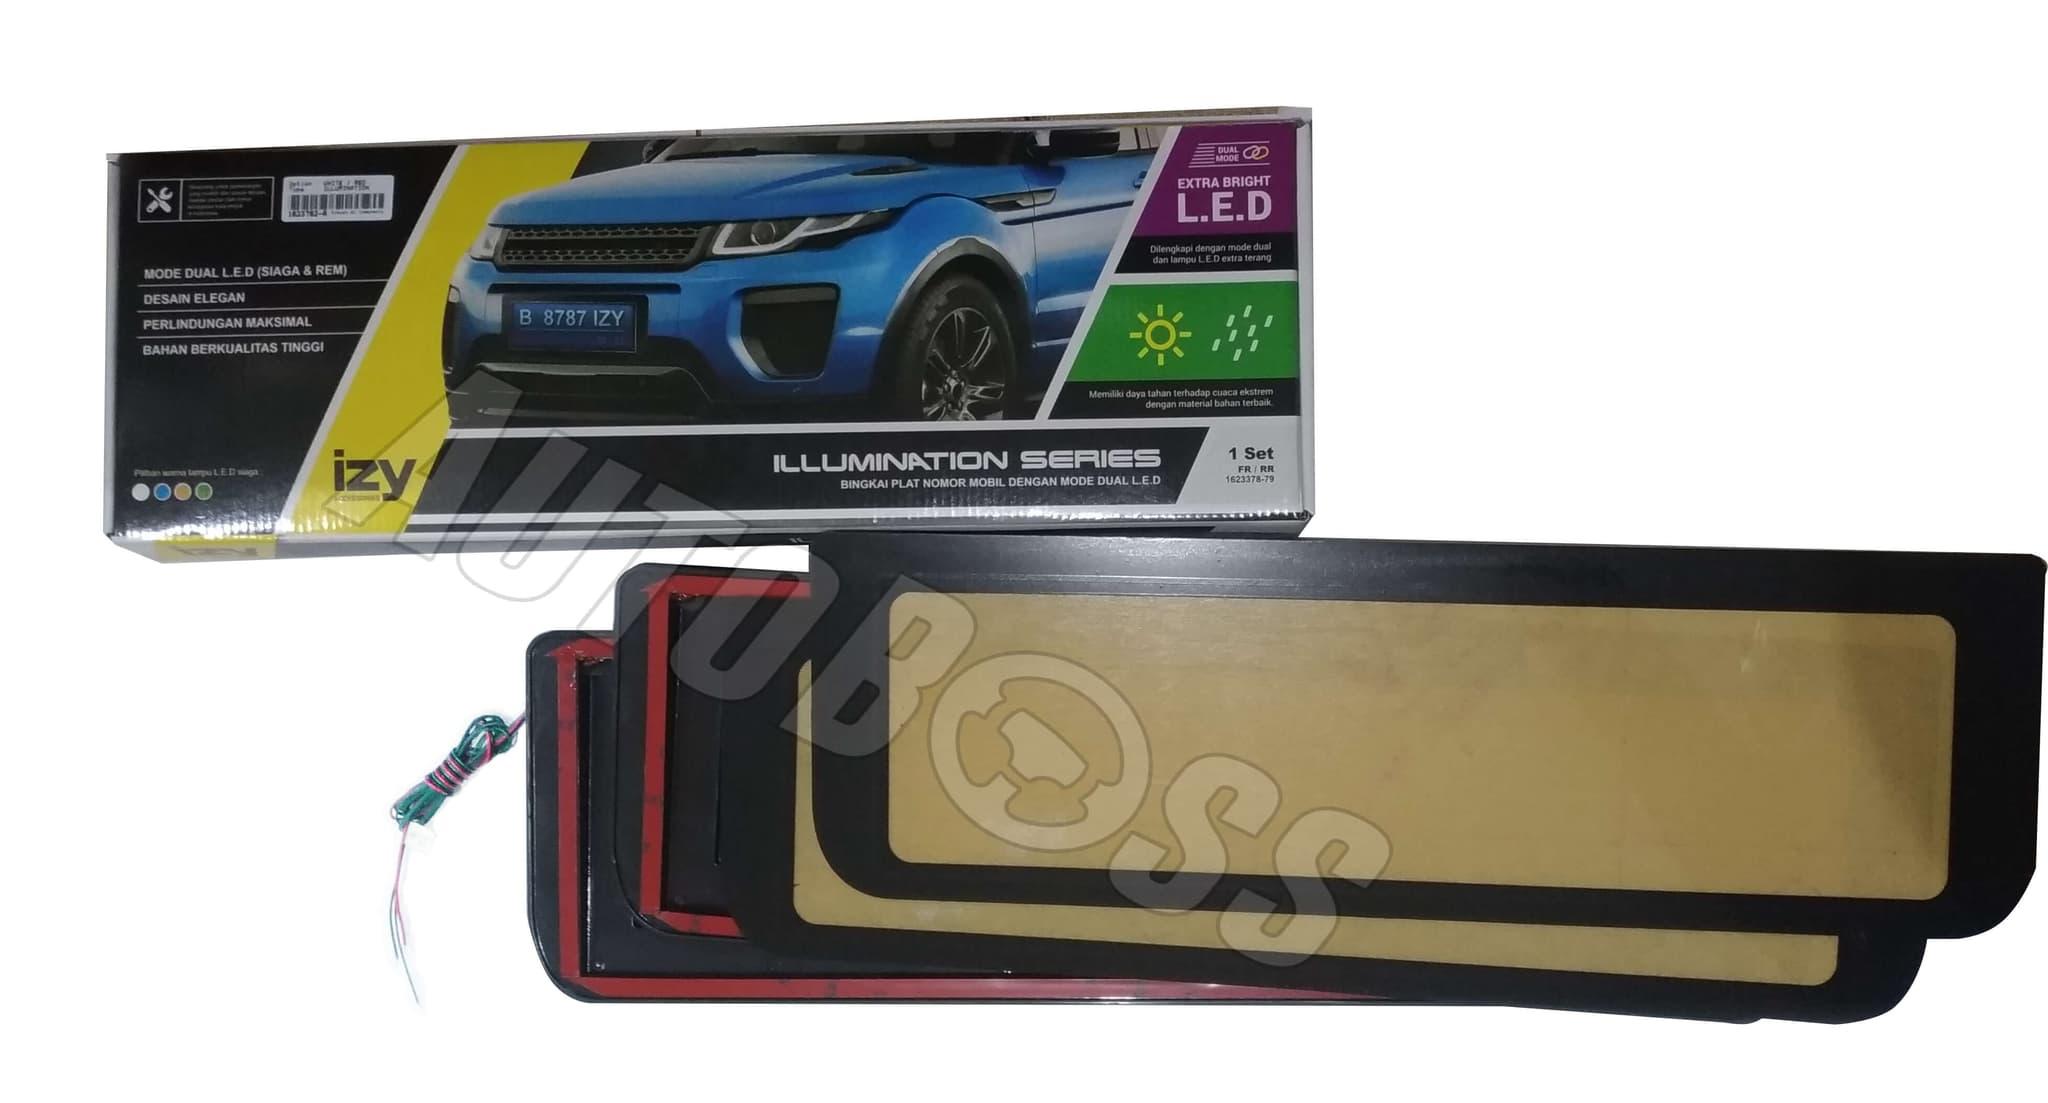 Jual Tatakan Frame Plat Nomor Terbaru 2014 Izy Led Set Auto Boss Cover Mobil Tokopedia